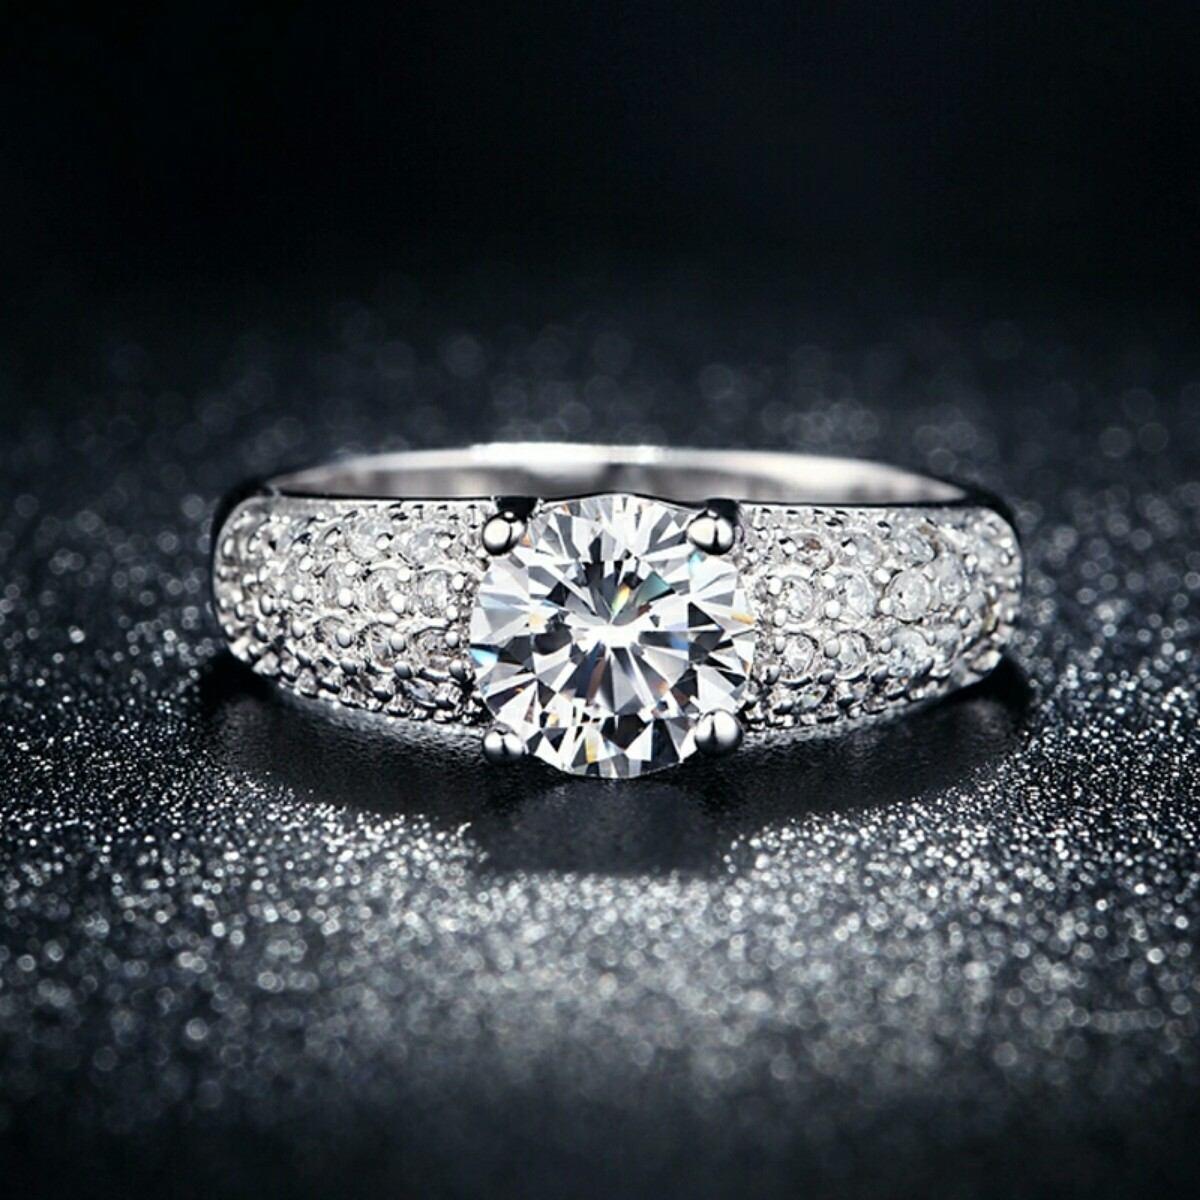 3011394a7c44 anillo de compromiso oro blanco 18k con cristales mujer. Cargando zoom.